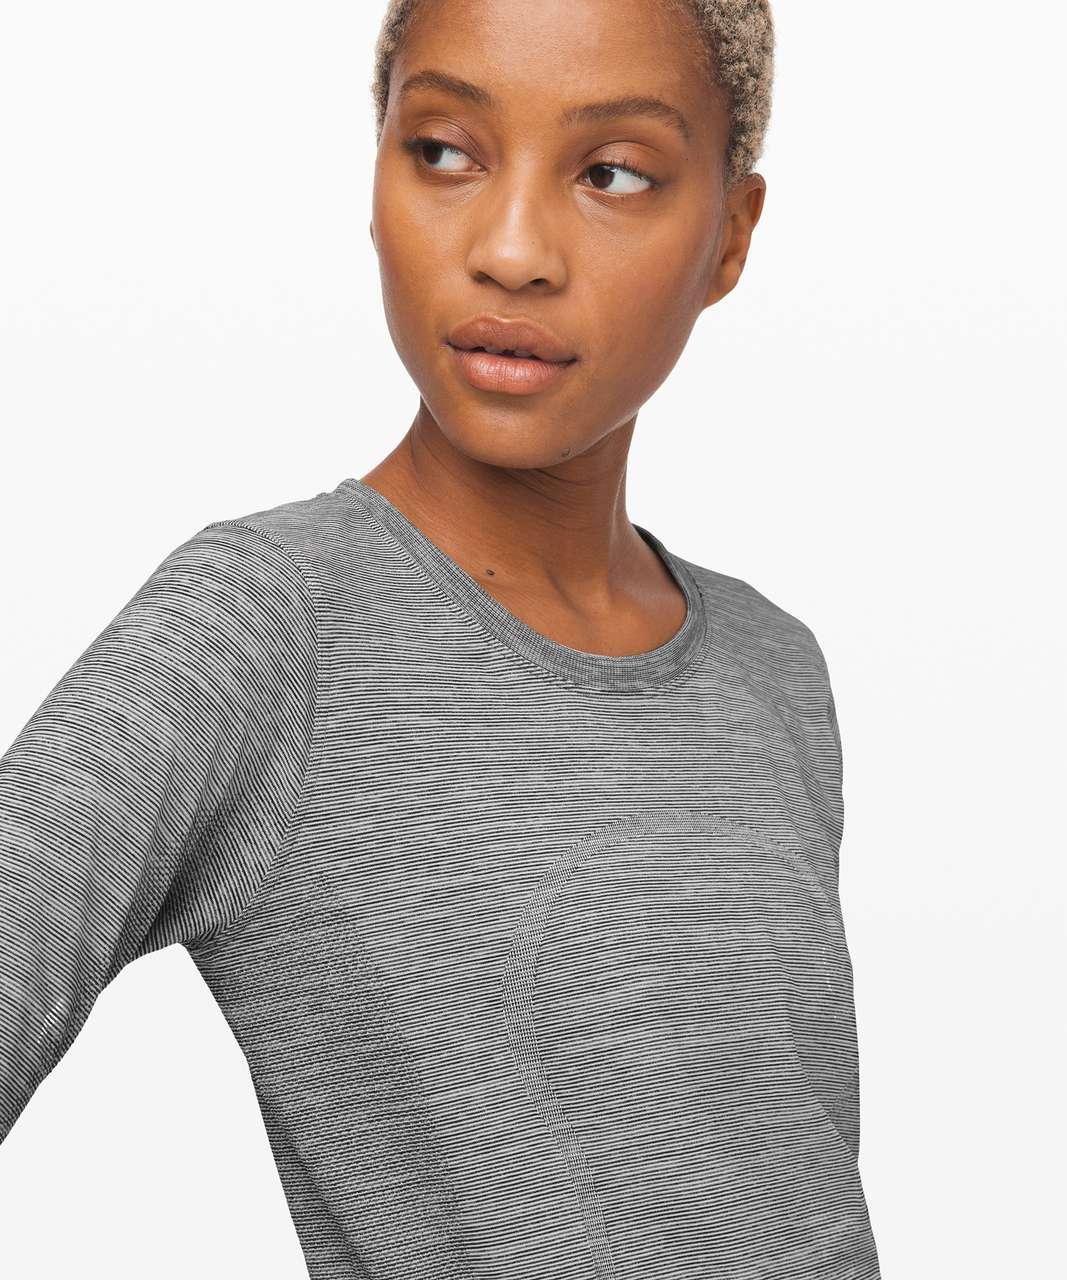 Lululemon Swiftly Relaxed Long Sleeve - White / White / Black